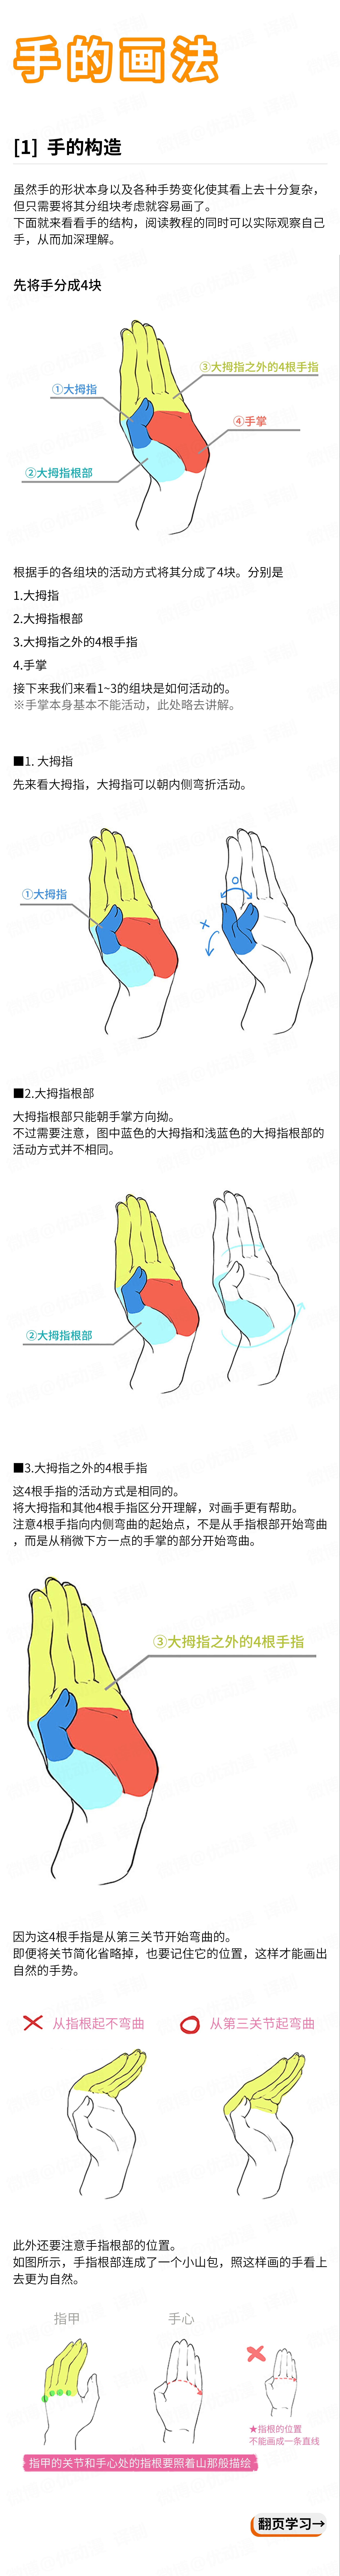 手的画法 拷贝.png